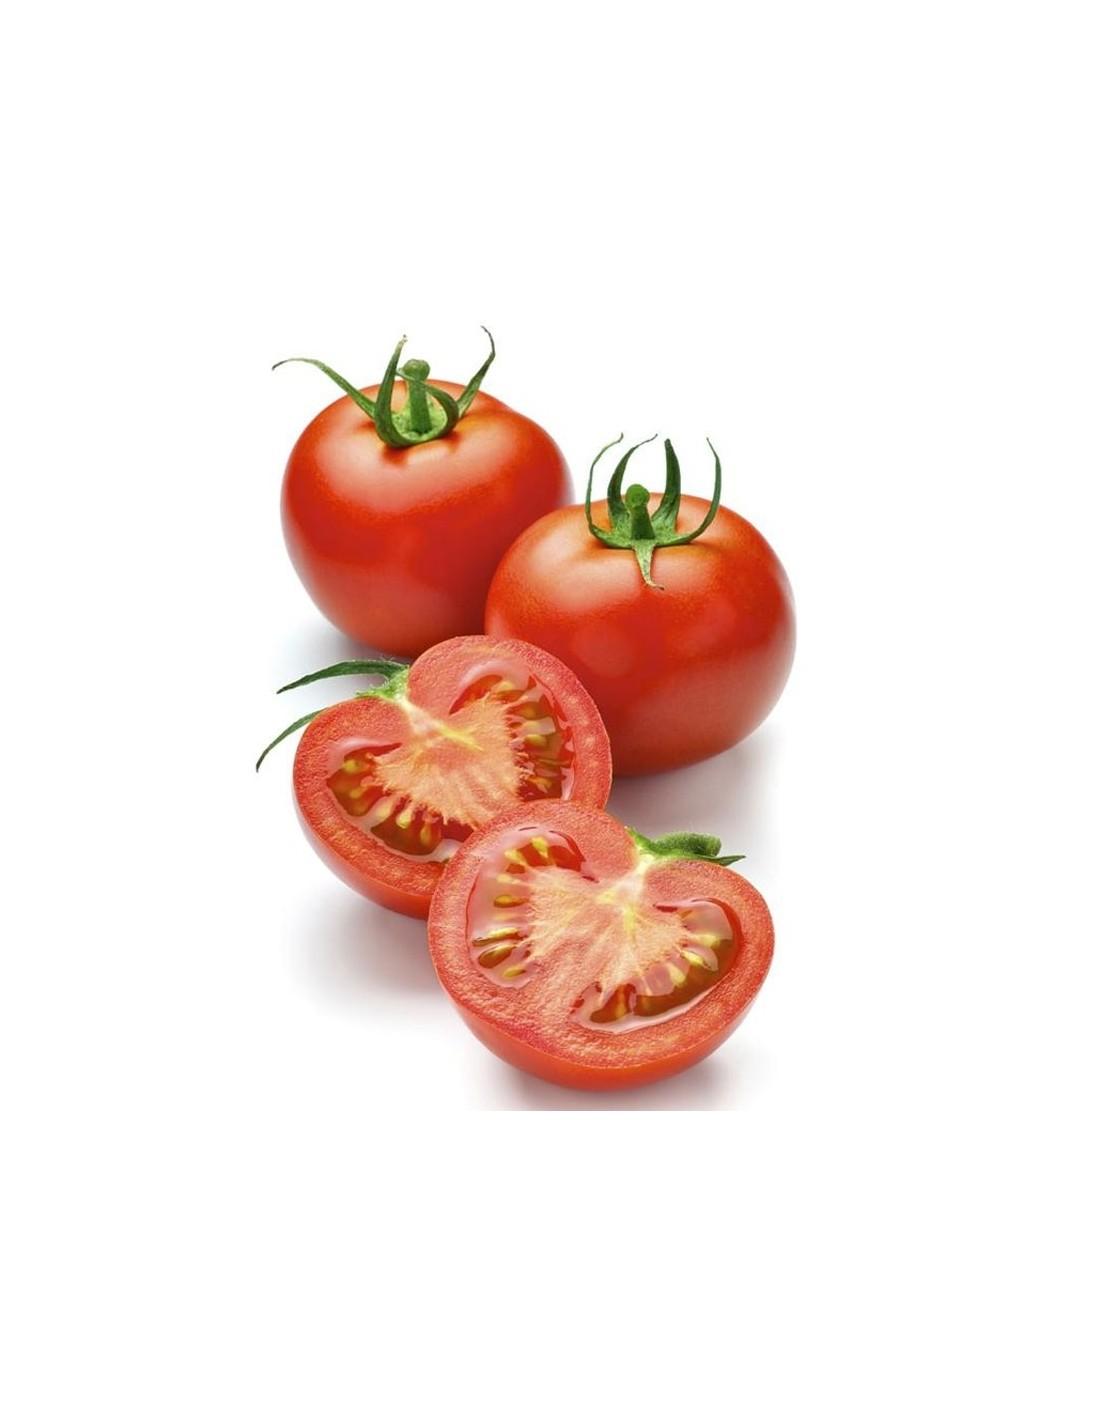 4f994b785f5 Tomate ronde - livraison fruit et legume course domicile - achat en ligne